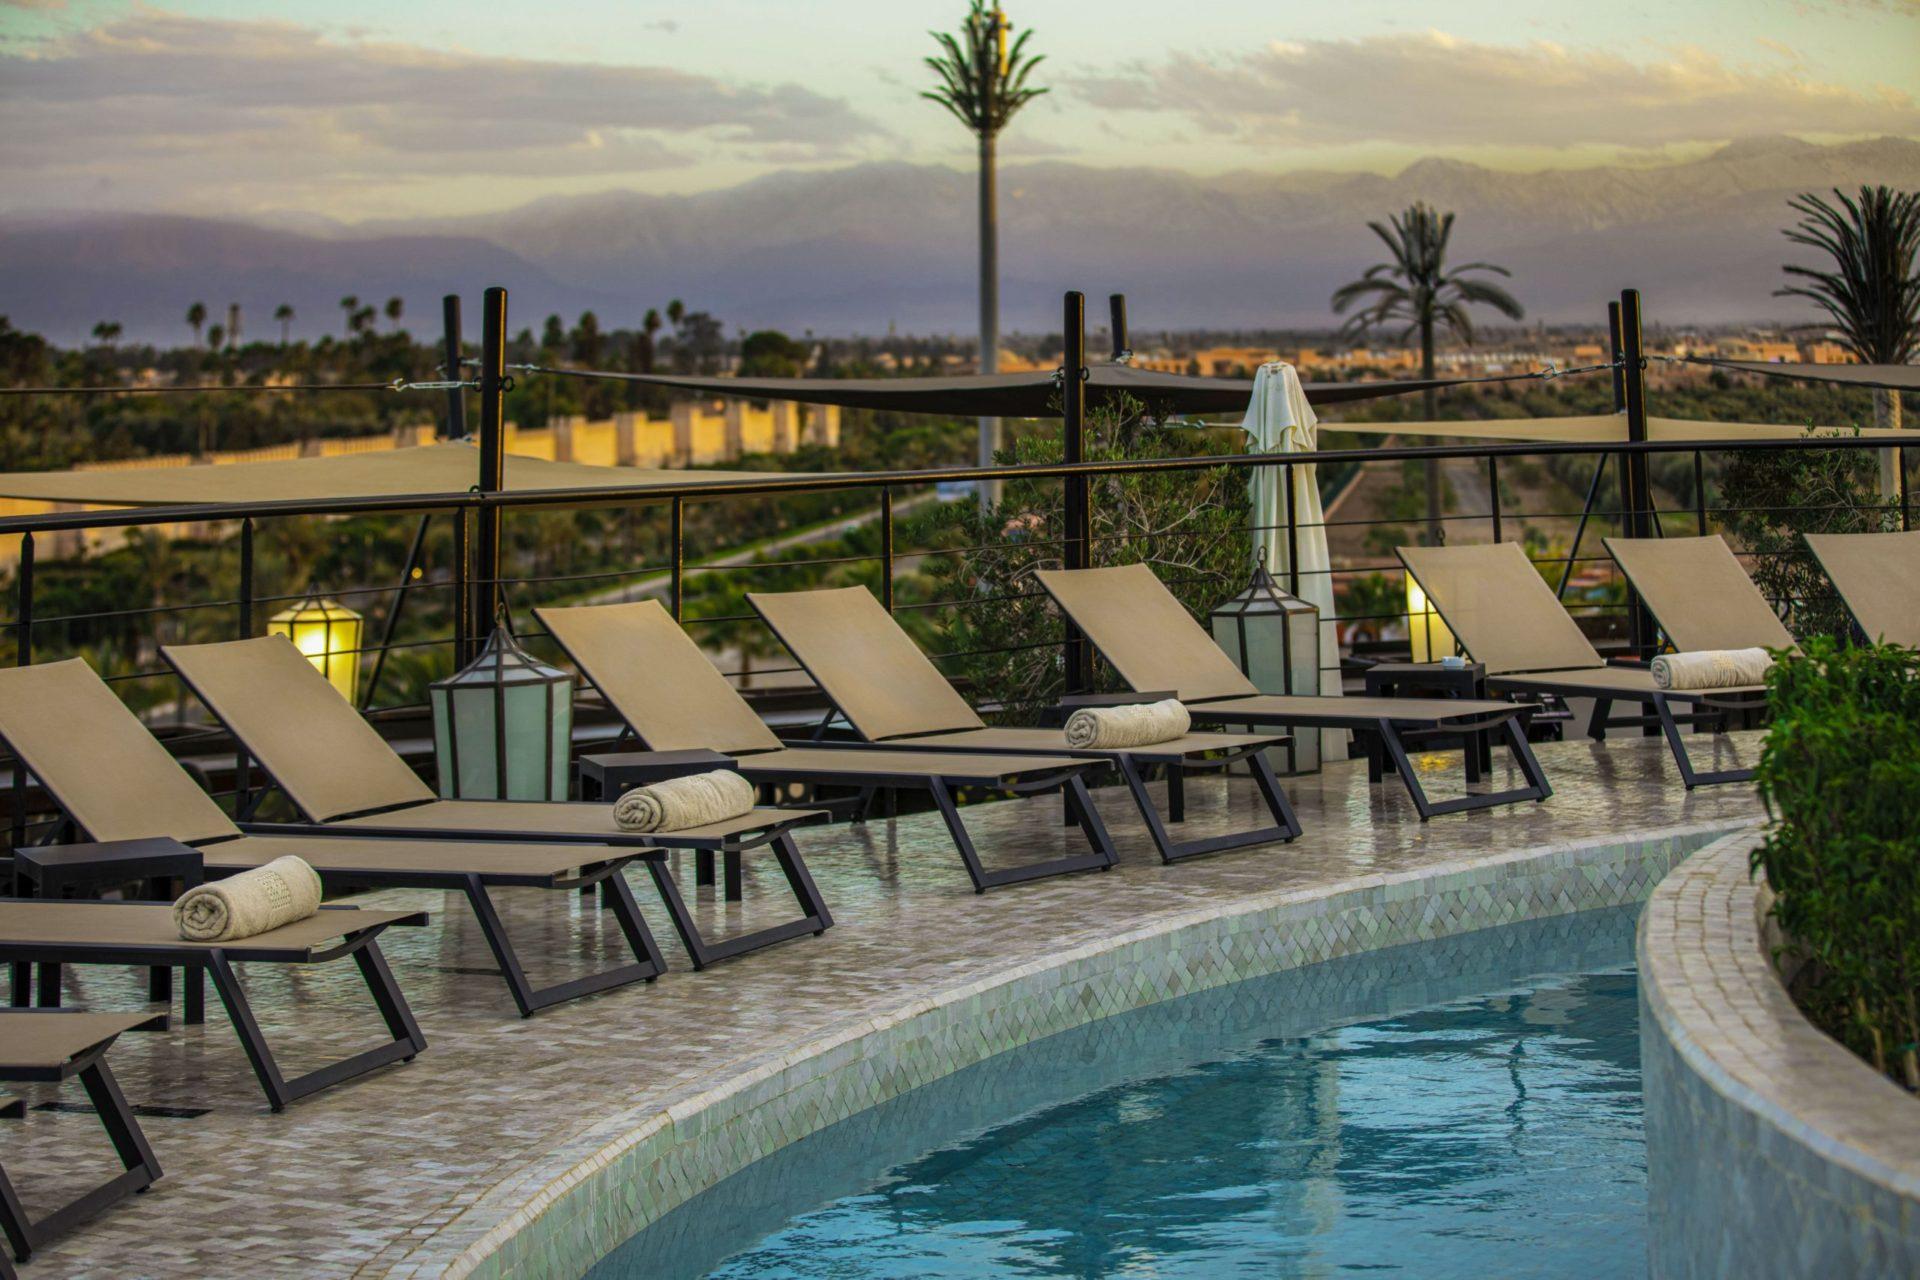 piscine Rooftop garden marrakech view montagne atlas